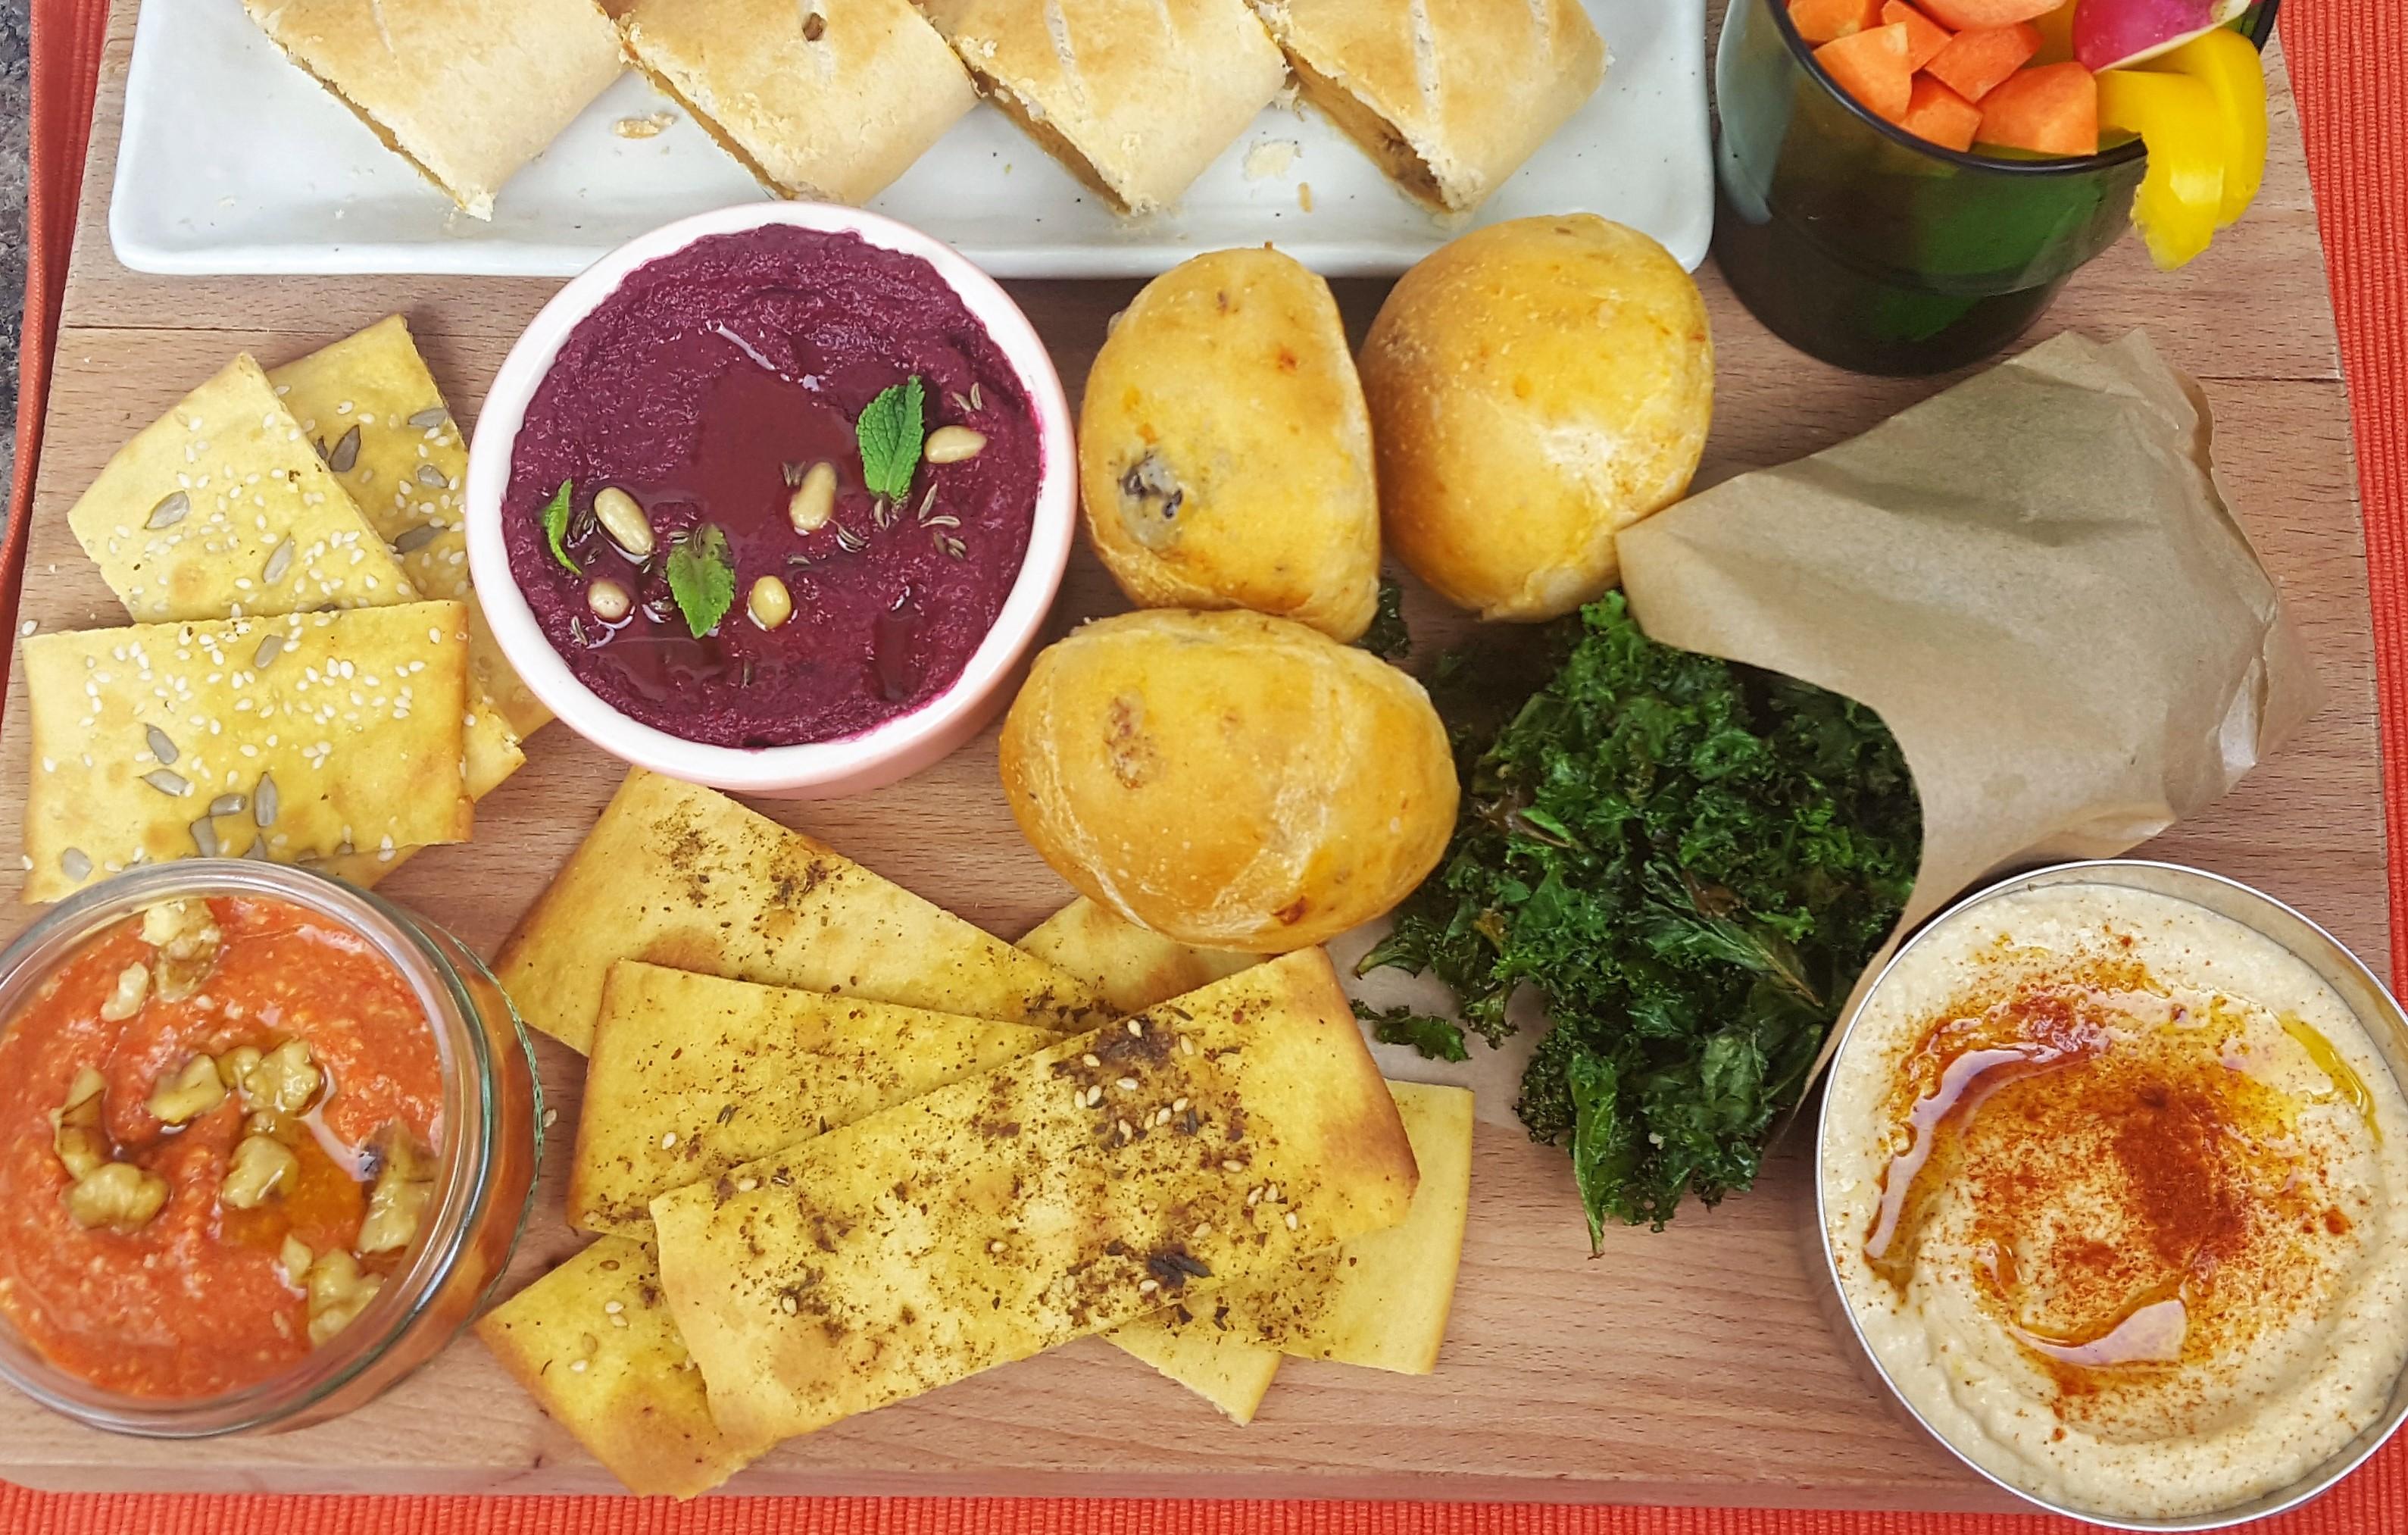 Vegetarian Snacks Vegan Dip RecipesVegetarian Dips Recipes | Beetroot and Feta Dip | Roasted Red Pepper and Walnut Dip | Hummus Dip Recipe